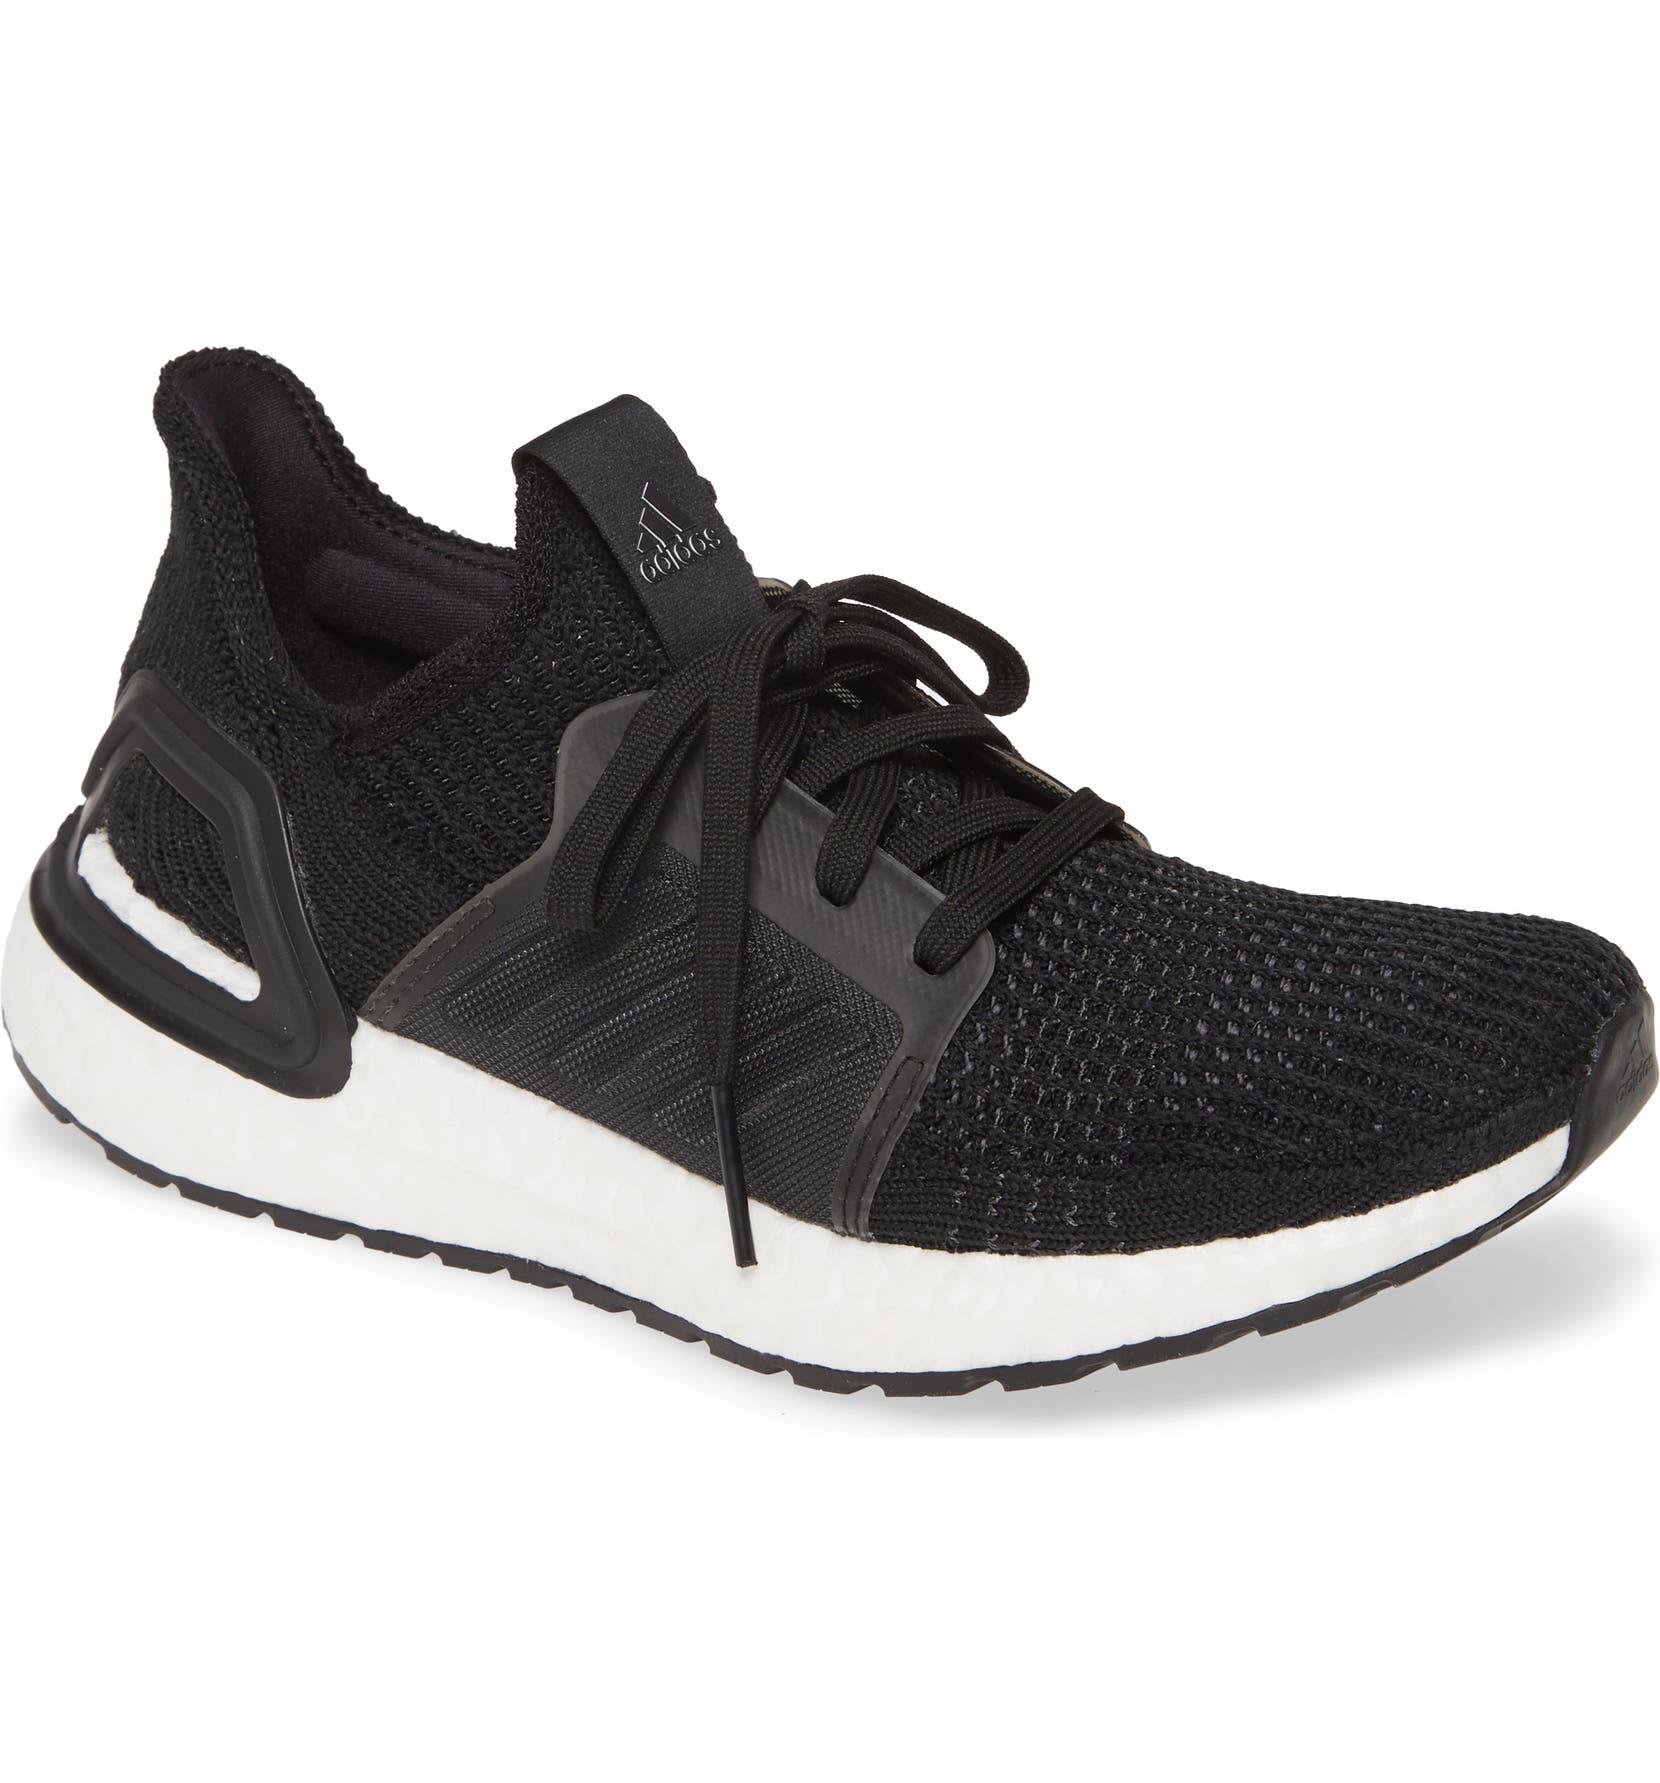 cheap for discount 4458c a1516 UltraBoost 19 Running Shoe